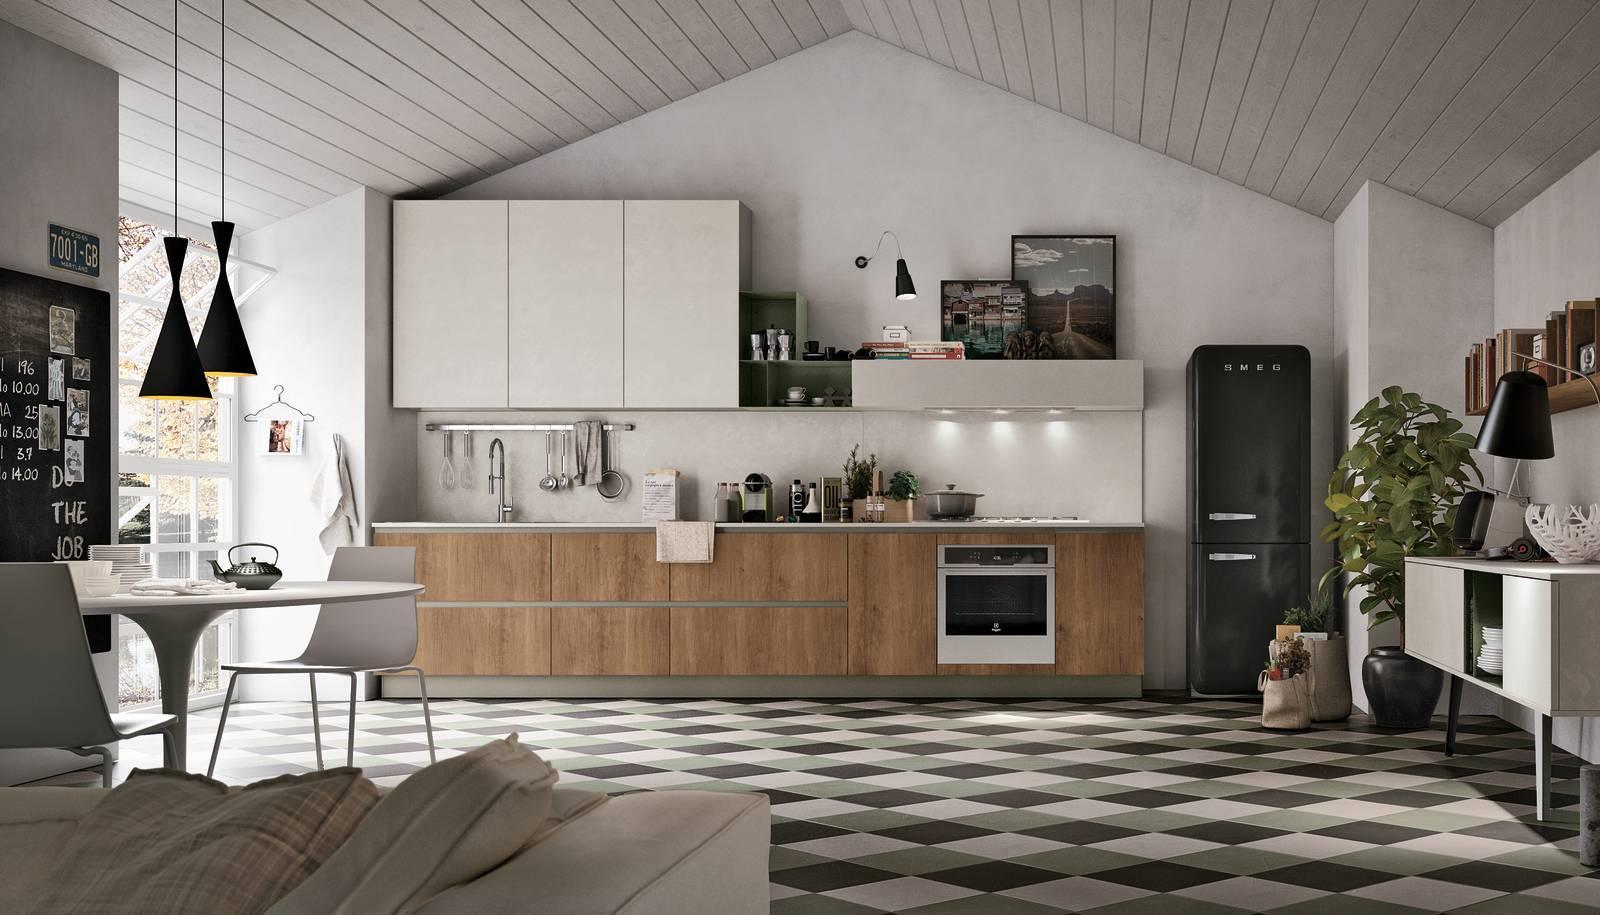 La cucina con il frigorifero freestanding Un evergreen